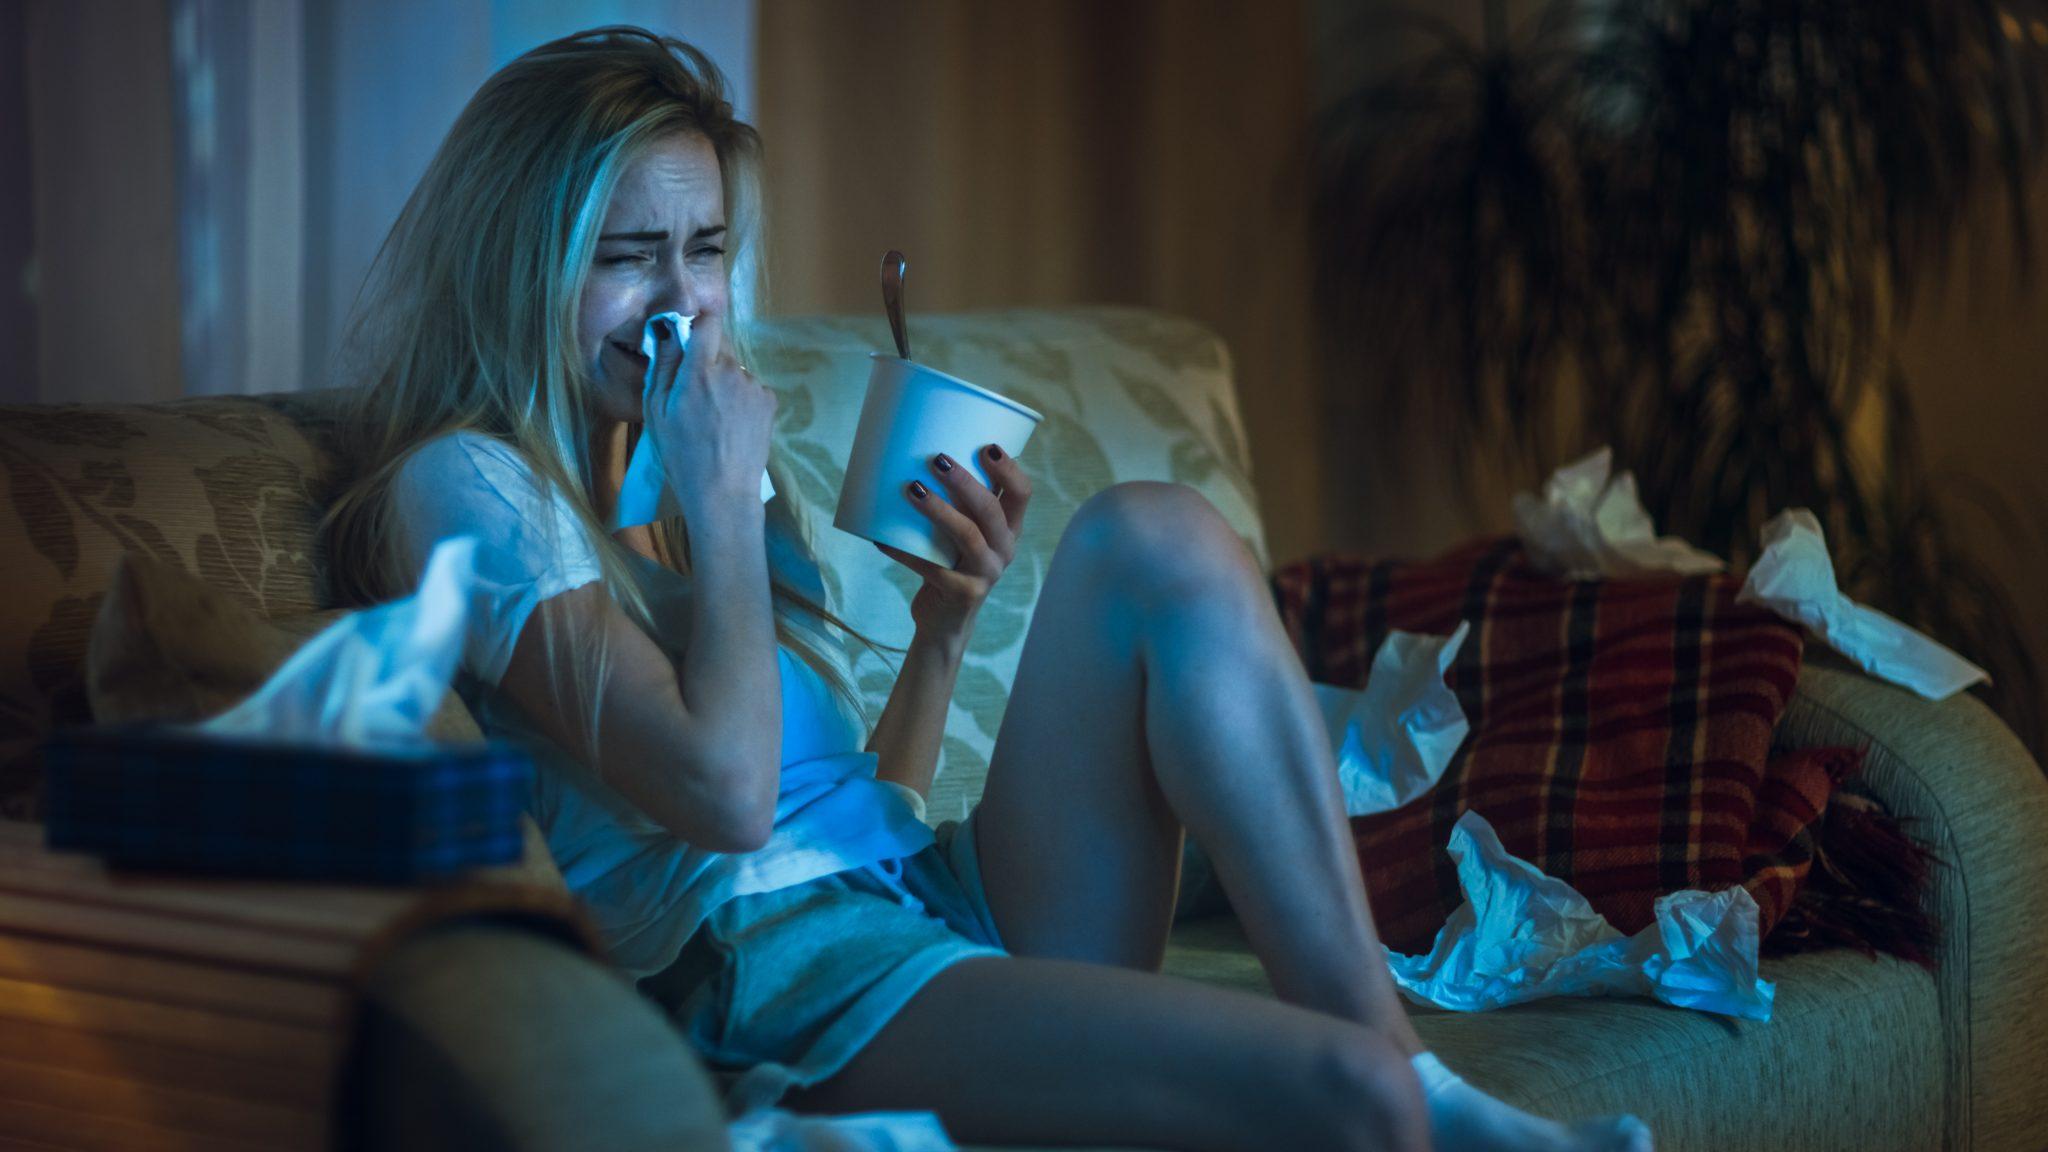 Eine blonde Frau, die heulend auf dem Sofa sitzt und einen Eisbecher in der Hand hält.